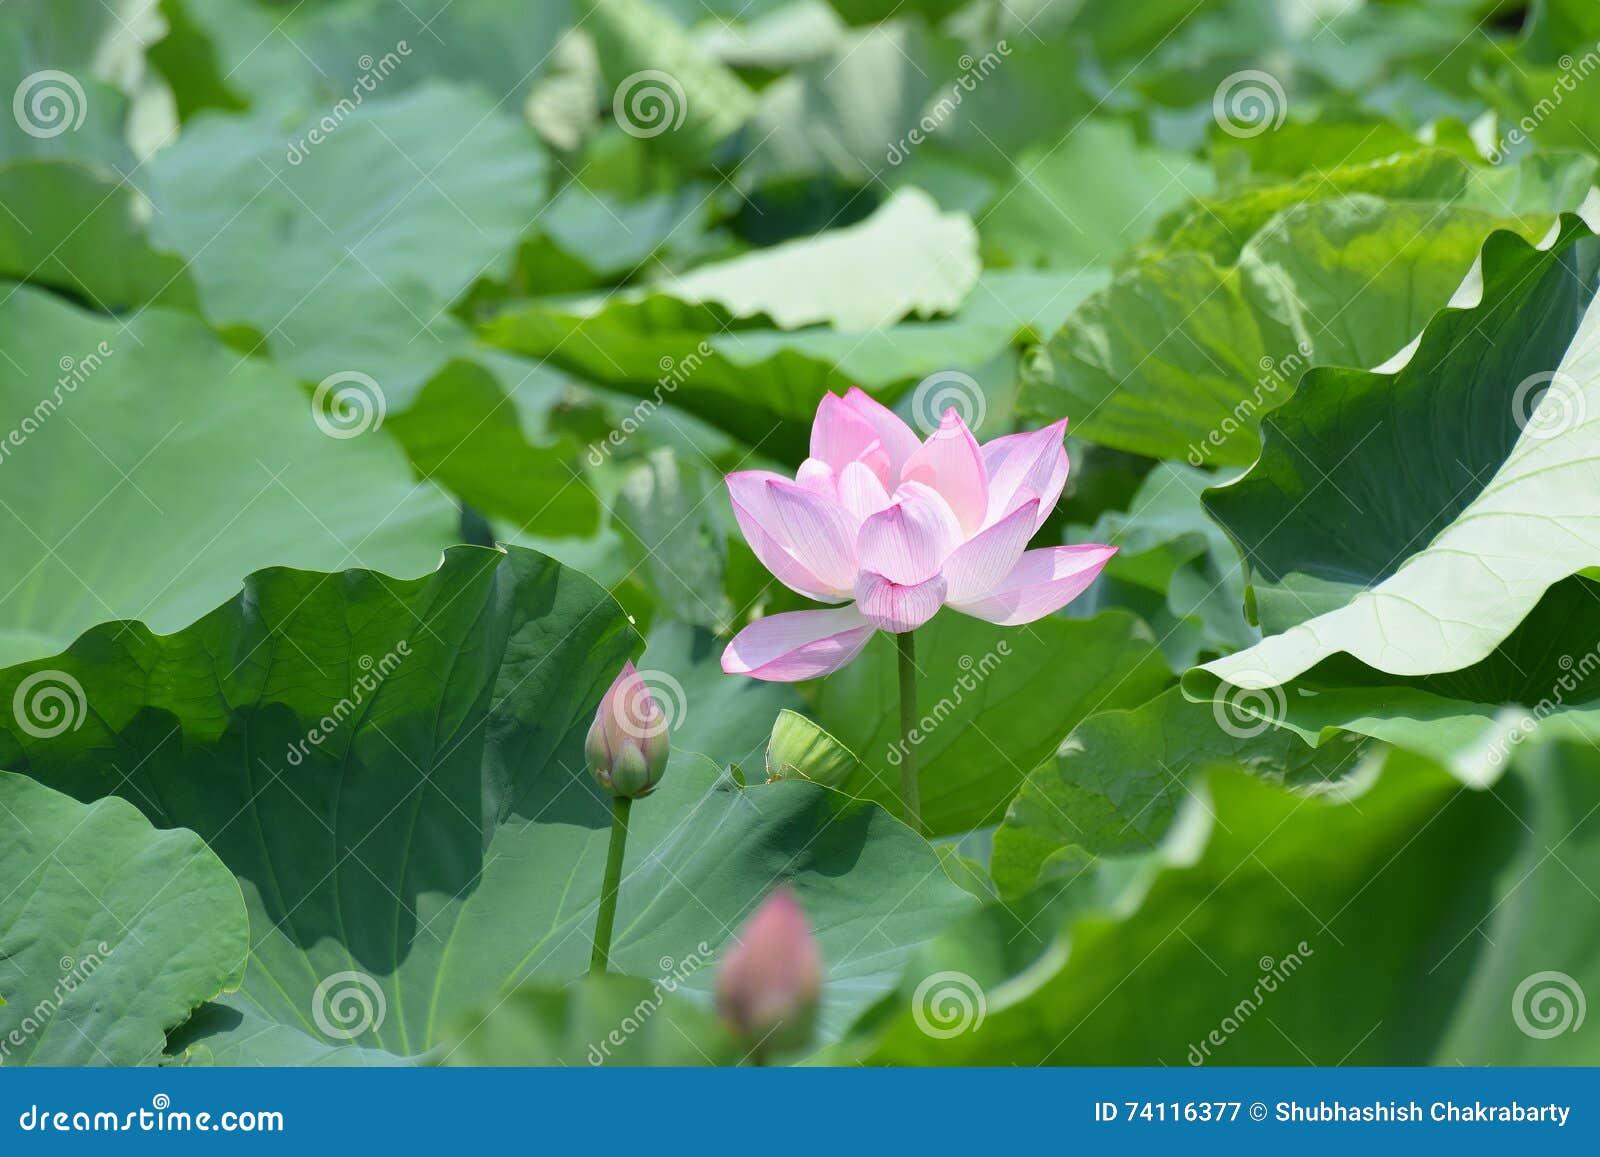 Fleur de lotus symbole bouddhiste galerie tatouage - Fleur de lotus bouddhisme ...